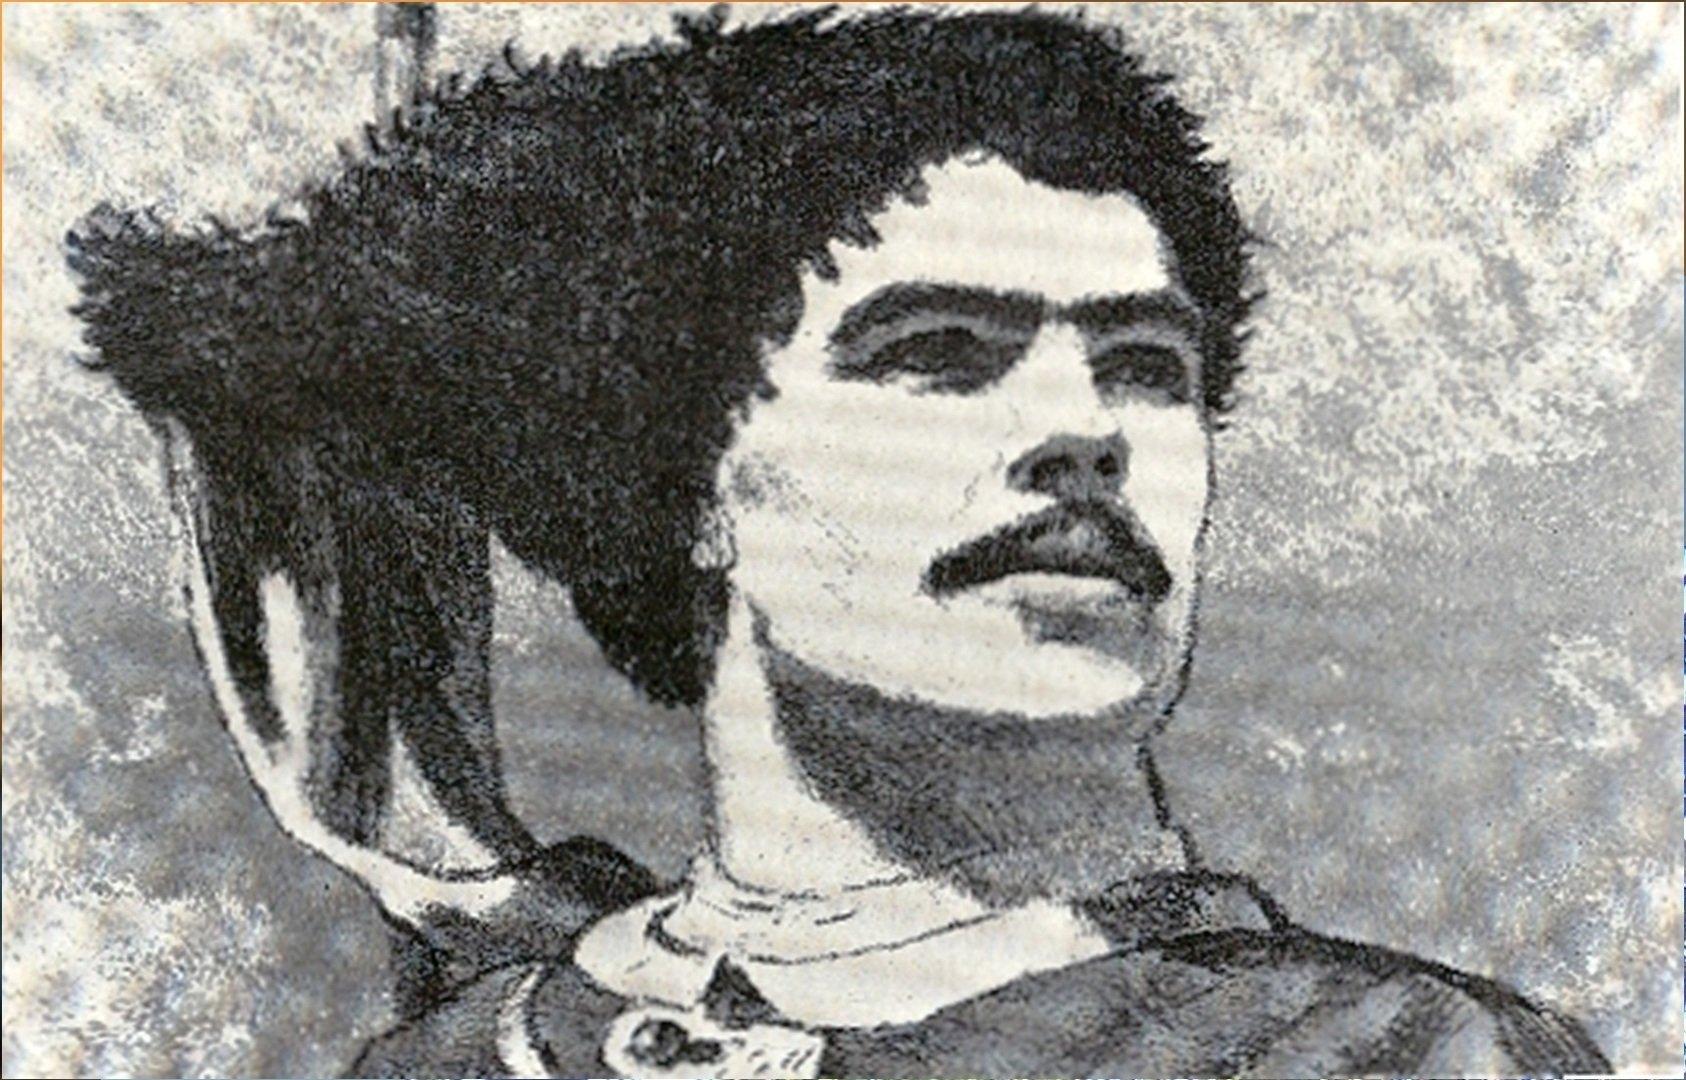 Кибрик Е. Остап. Иллюстрации к произведению Гоголя «Тарас Бульба». 1944-1945